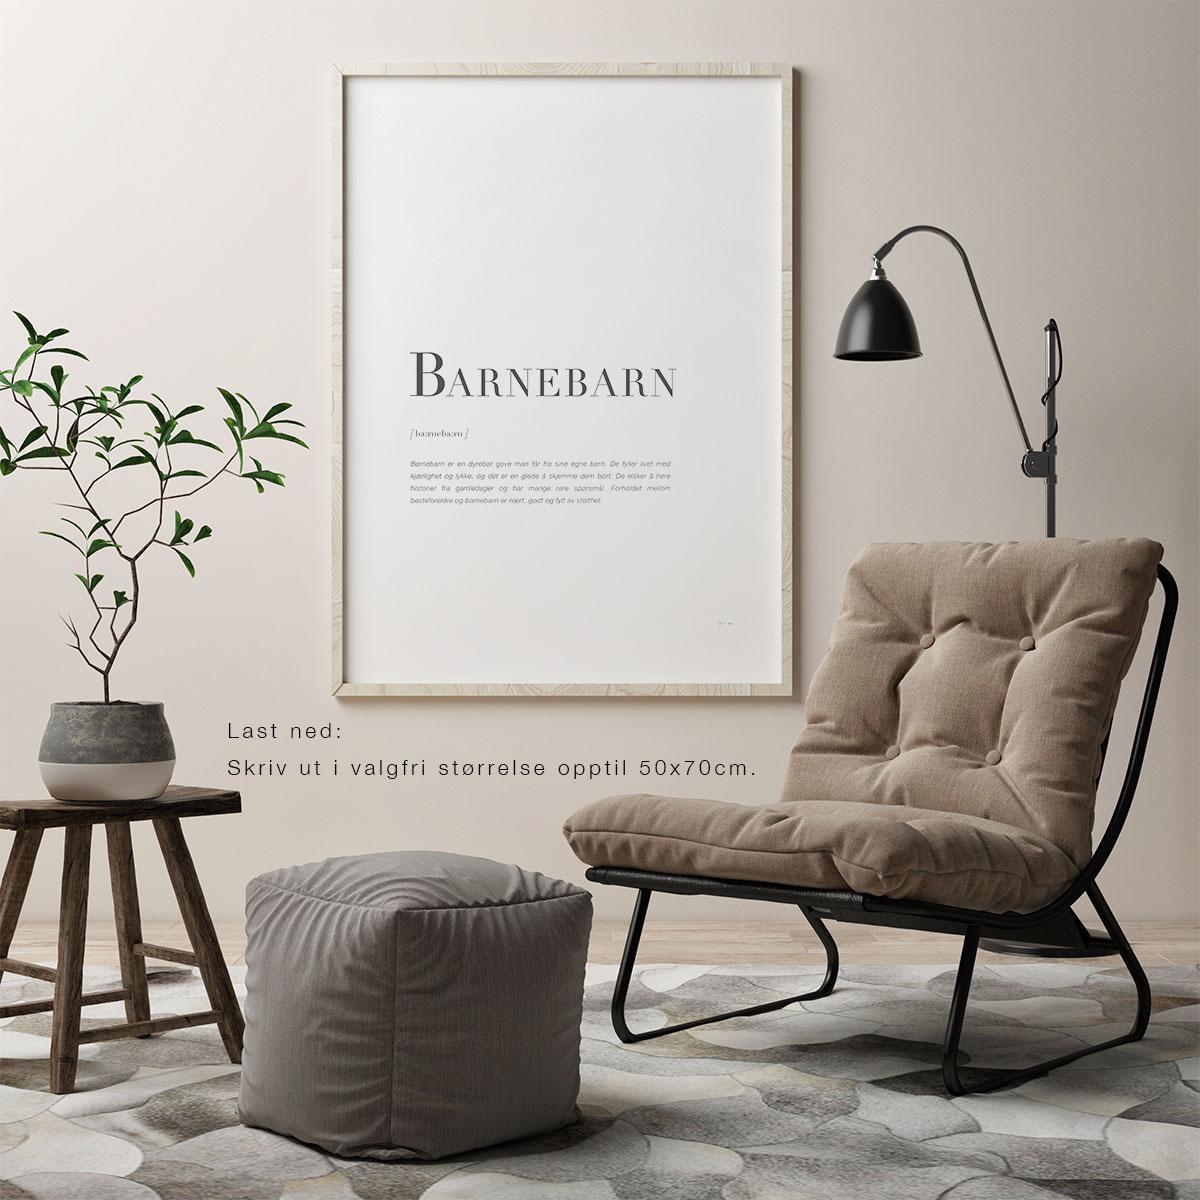 BARNEBARN-Last ned